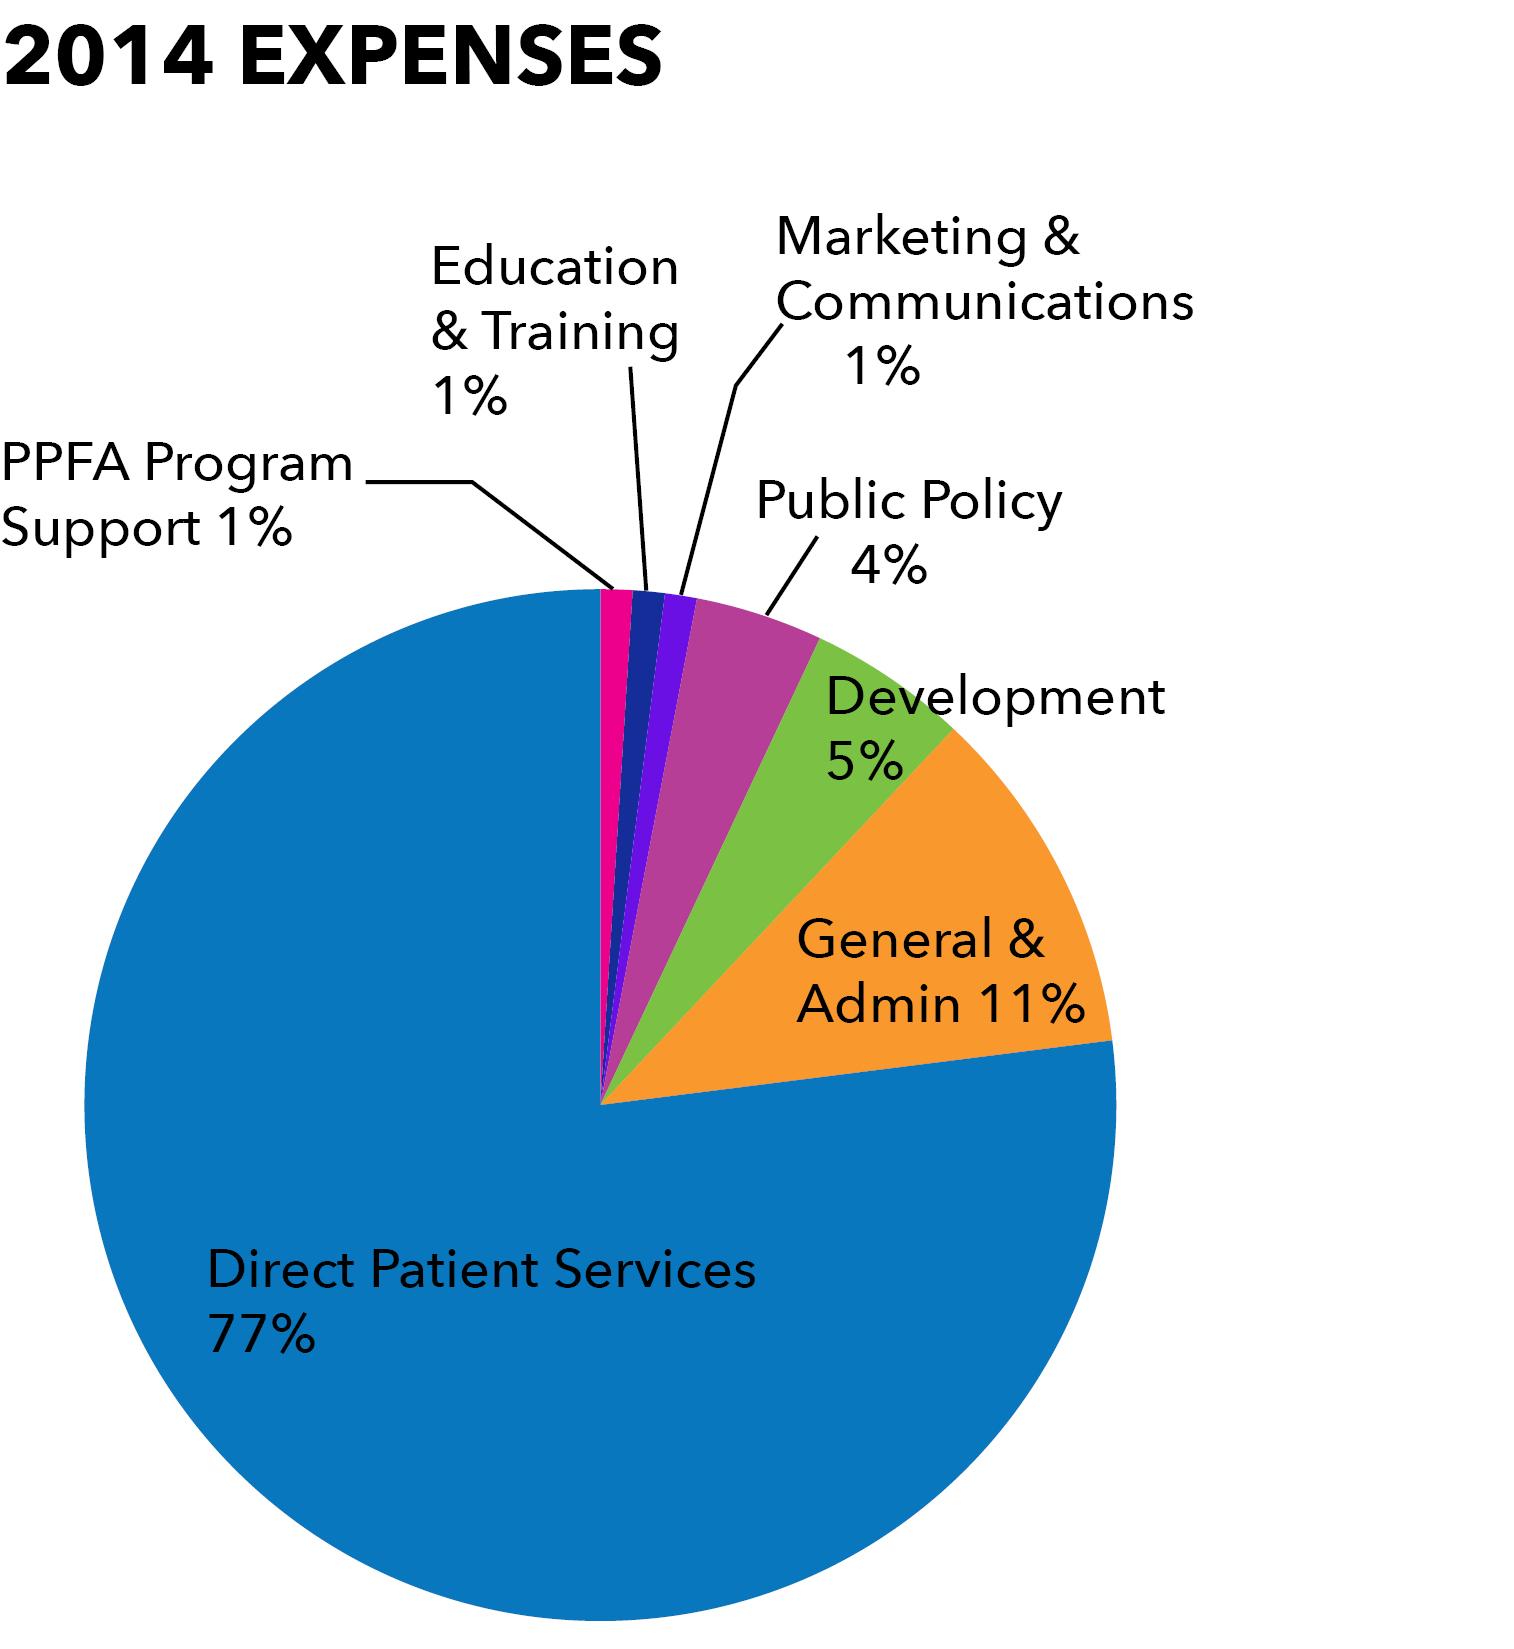 2014 expenses pie chart